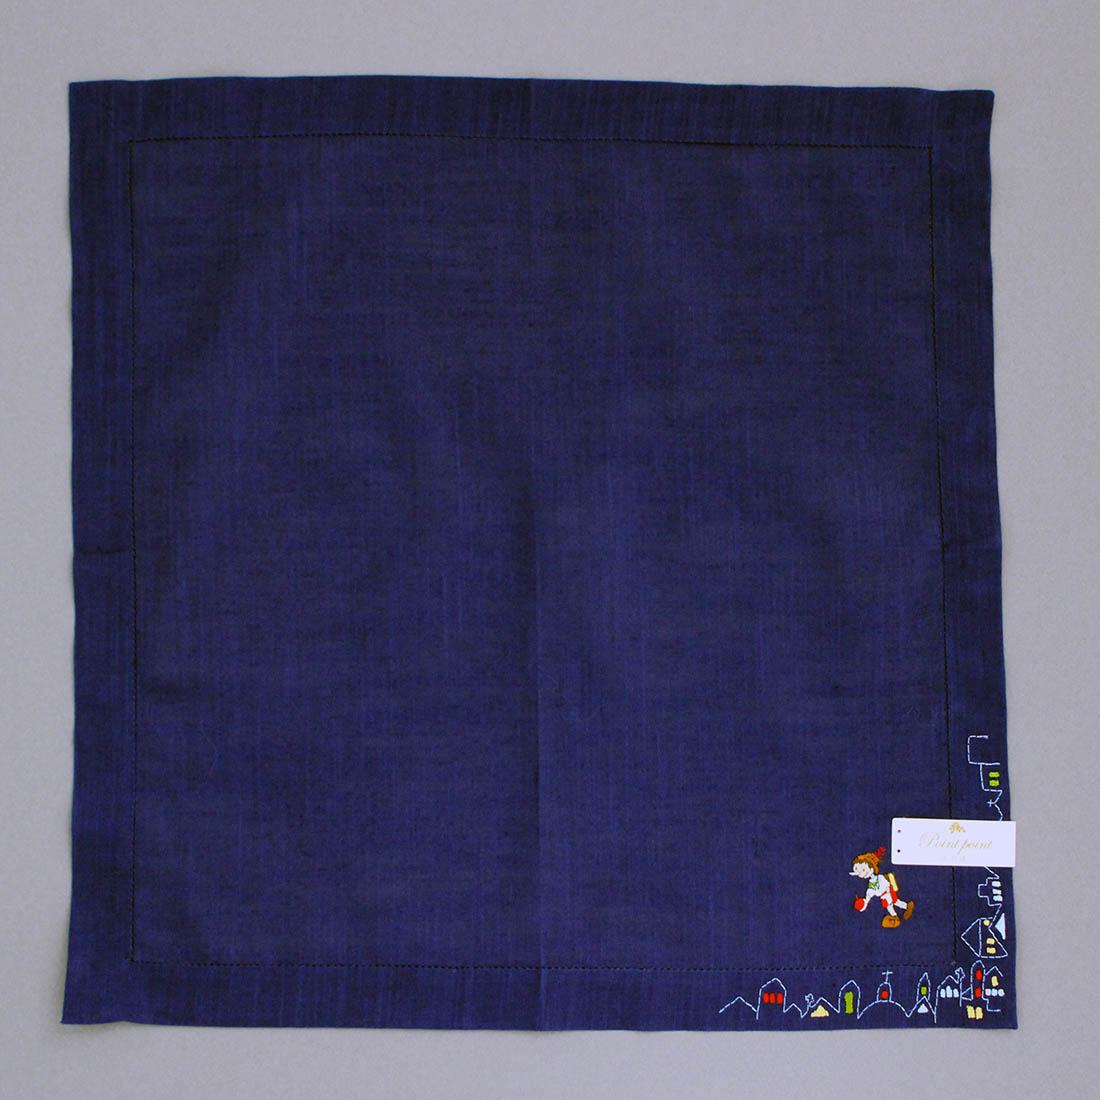 「ピノキオ」 ベトナム手刺繍ハンカチ 7501 ネイビー